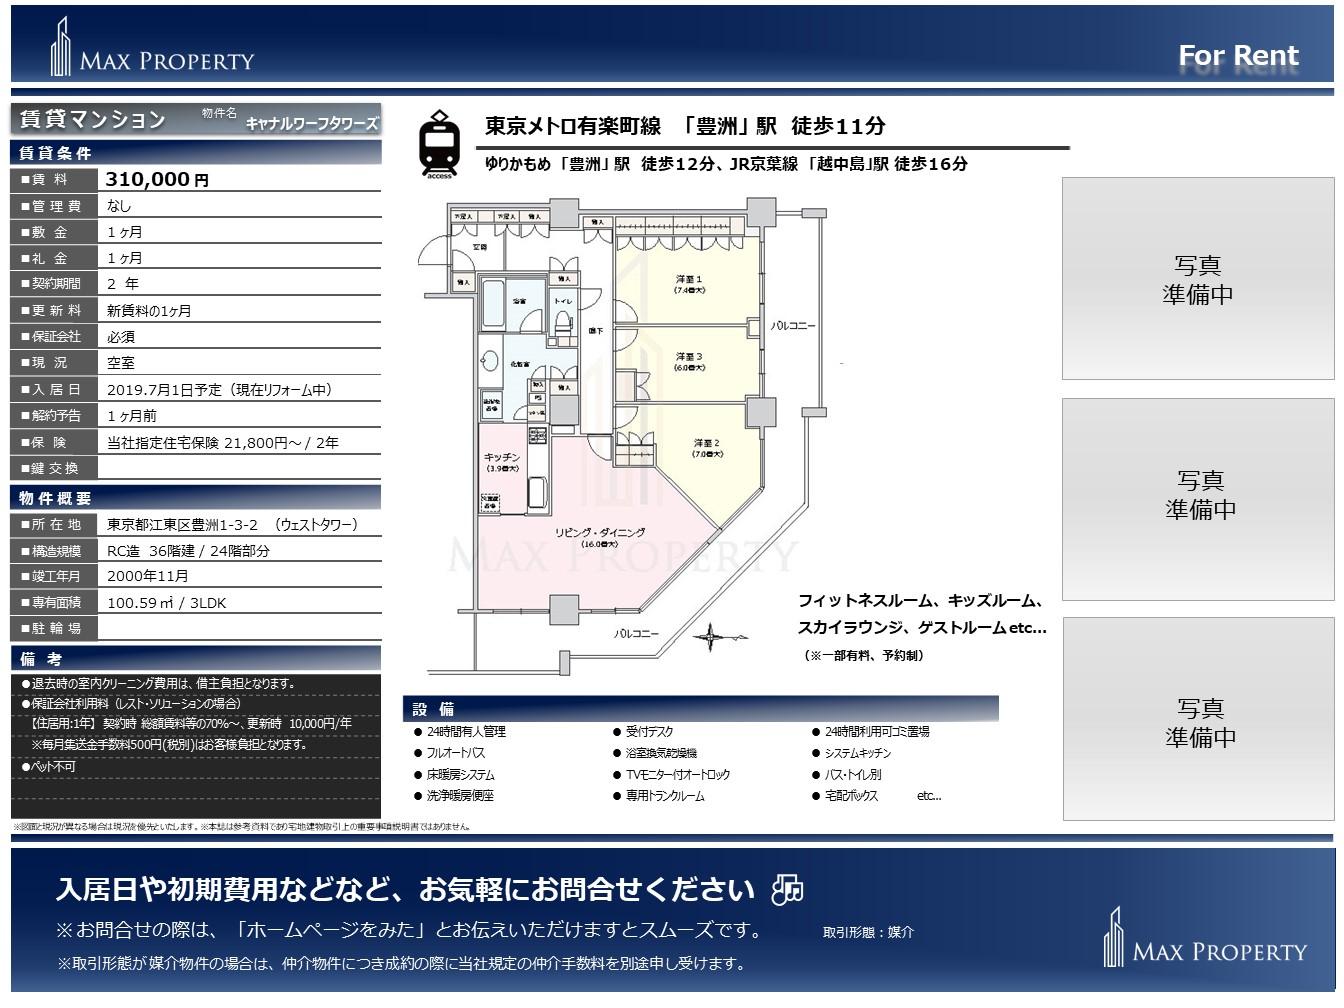 HP_キャナルワーフタワーズ_賃貸_20190610